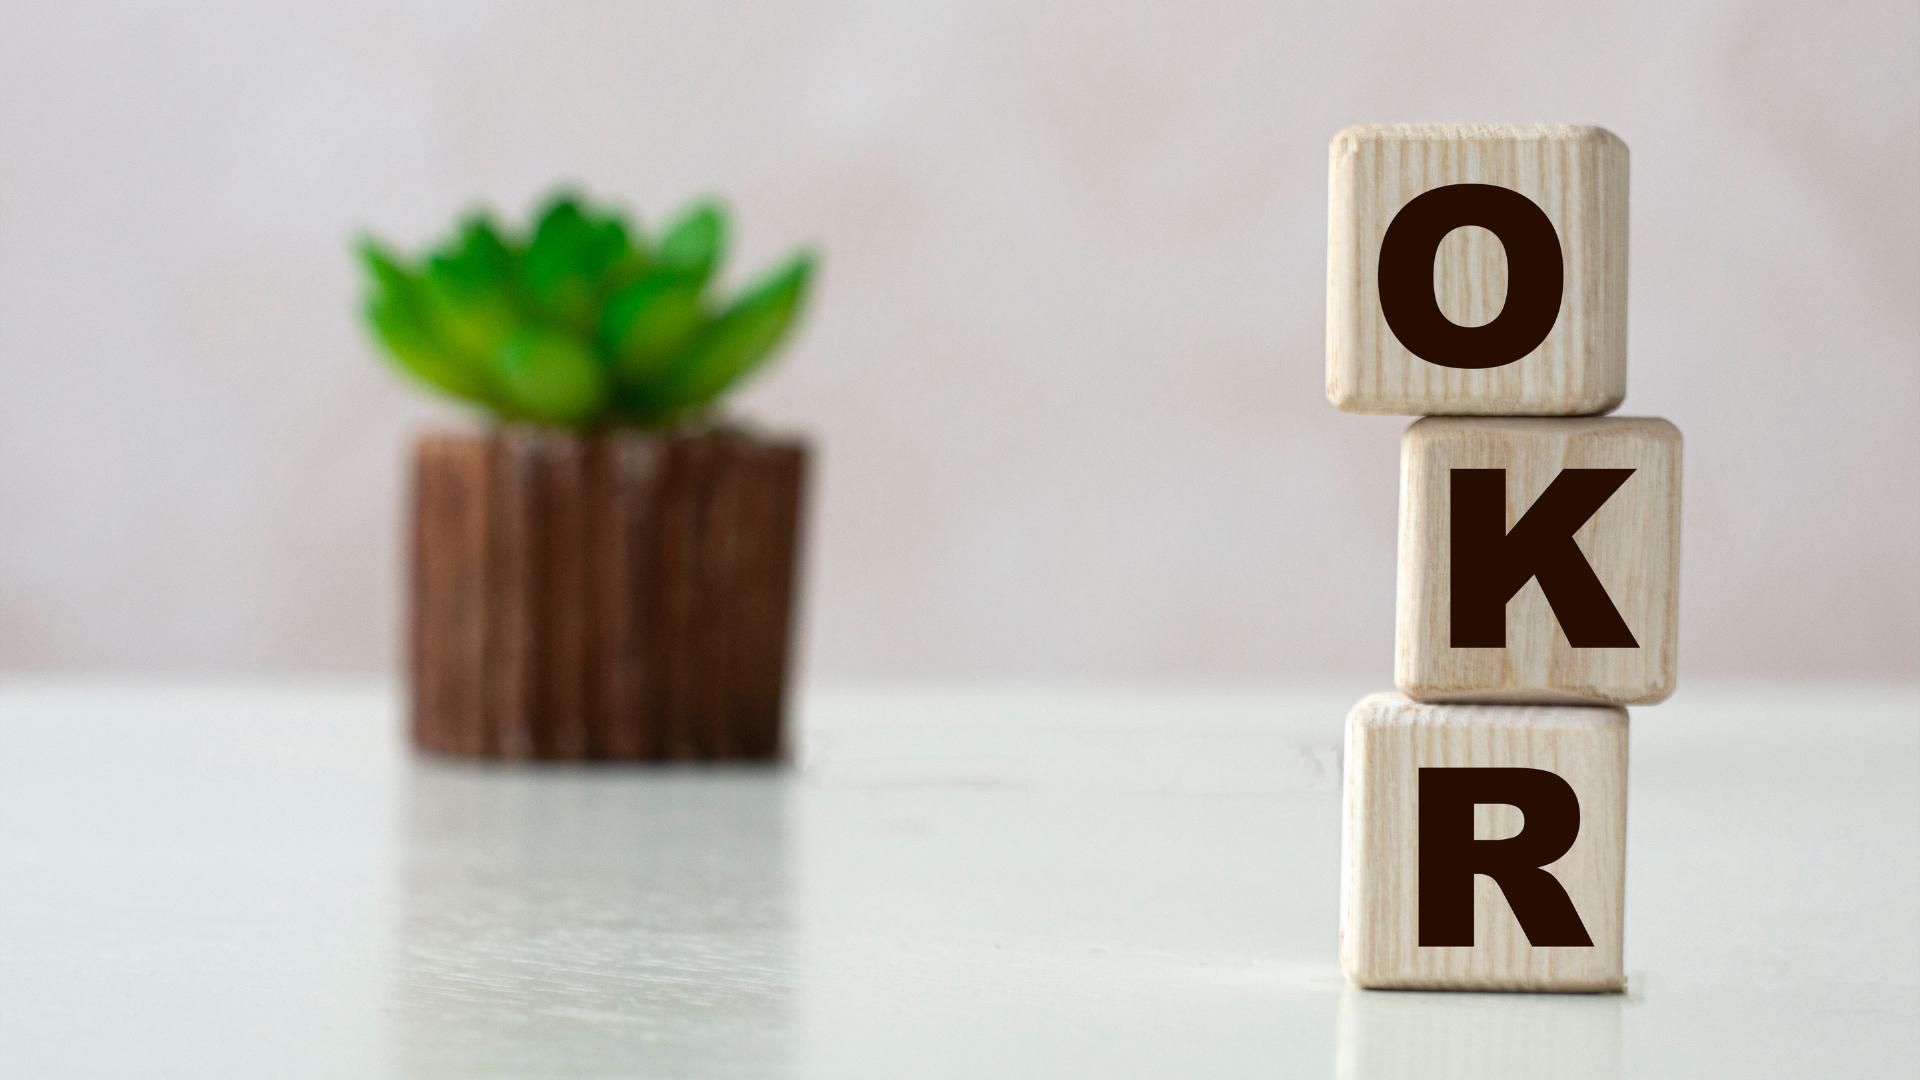 Jak na OKR Level 1: Posuňte se k lepším výsledkům